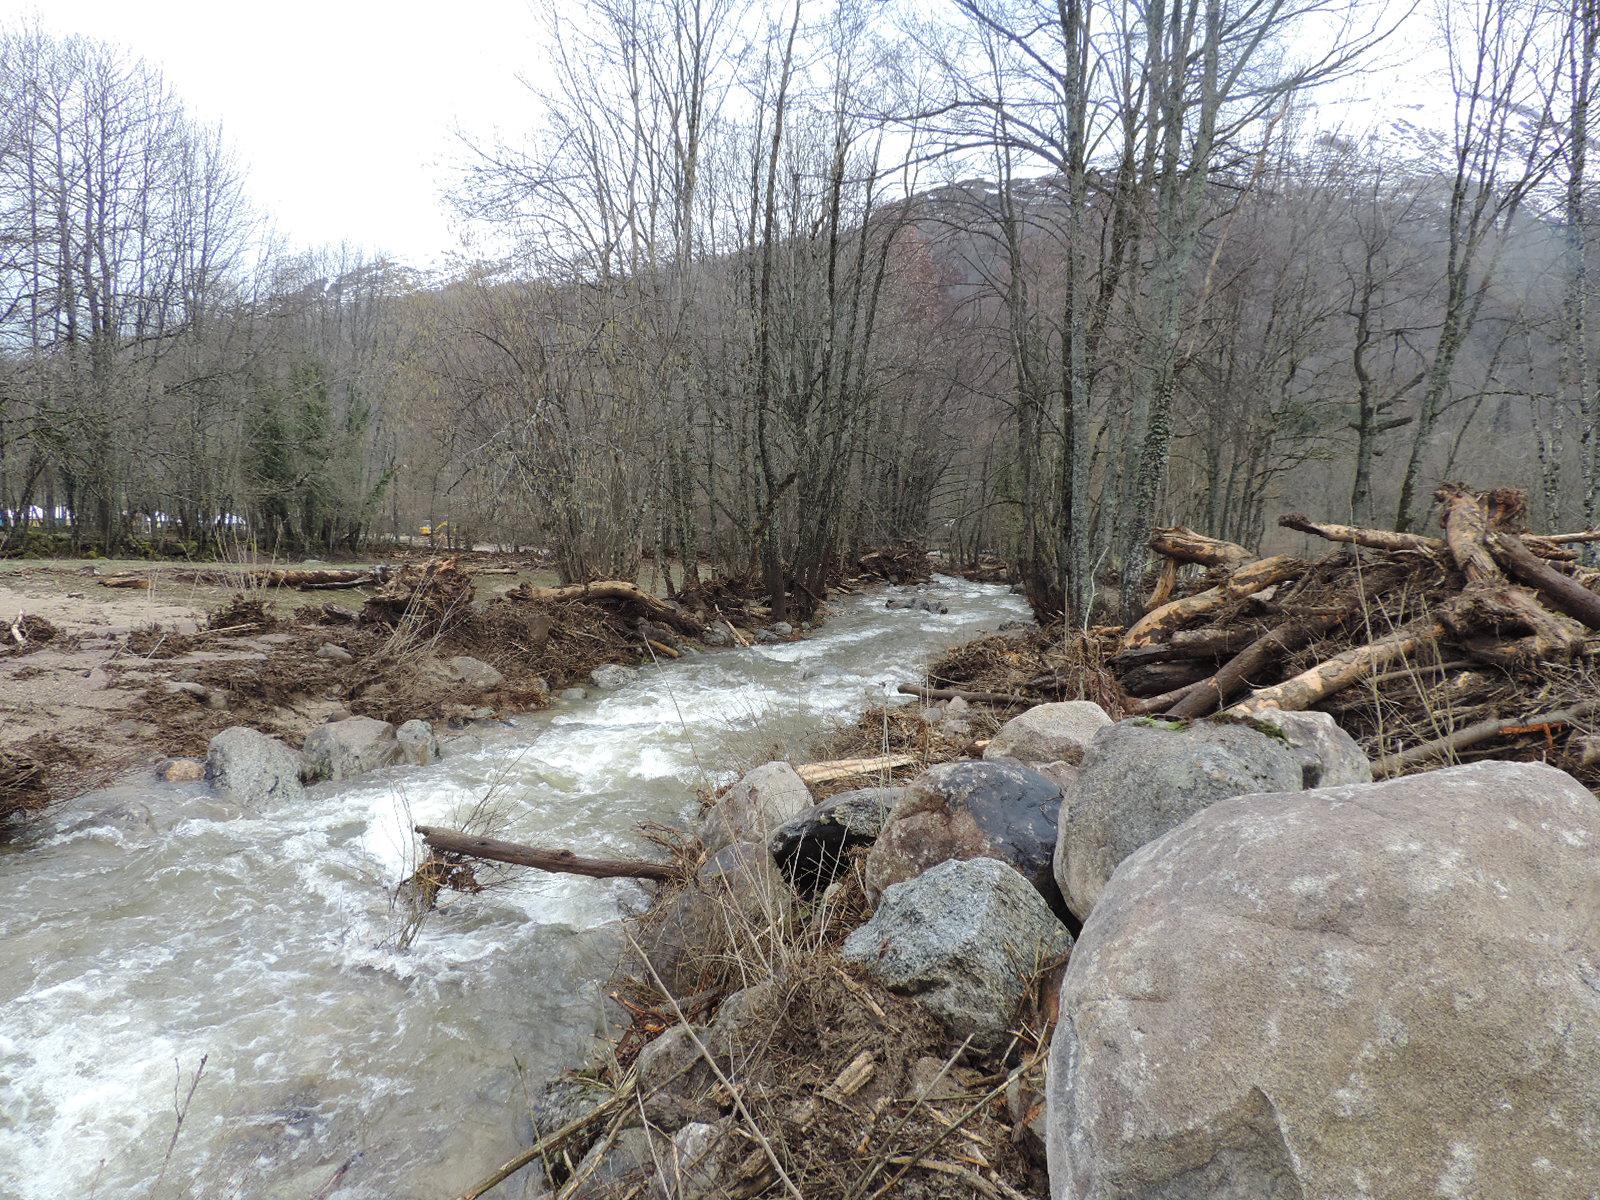 La crue a déraciné bon nombre d'arbres dont les troncs se sont empilés en certains points. © DDT 09